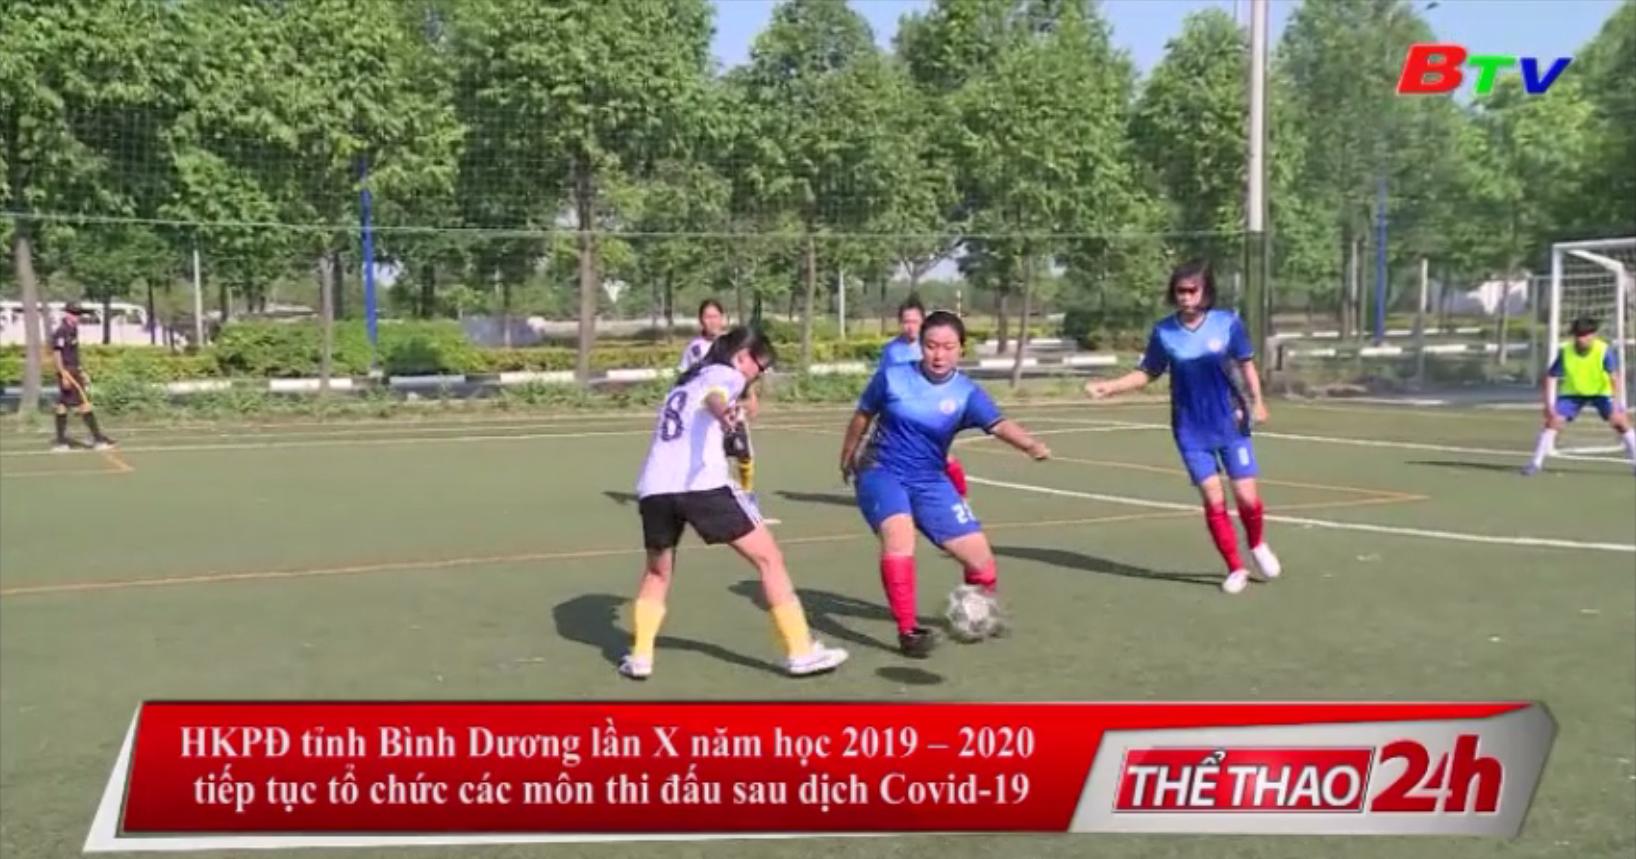 HKPĐ tỉnh Bình Dương lần X năm học 2019-2020 tiếp tục tổ chức các môn thi đấu sau dịch Covid-19